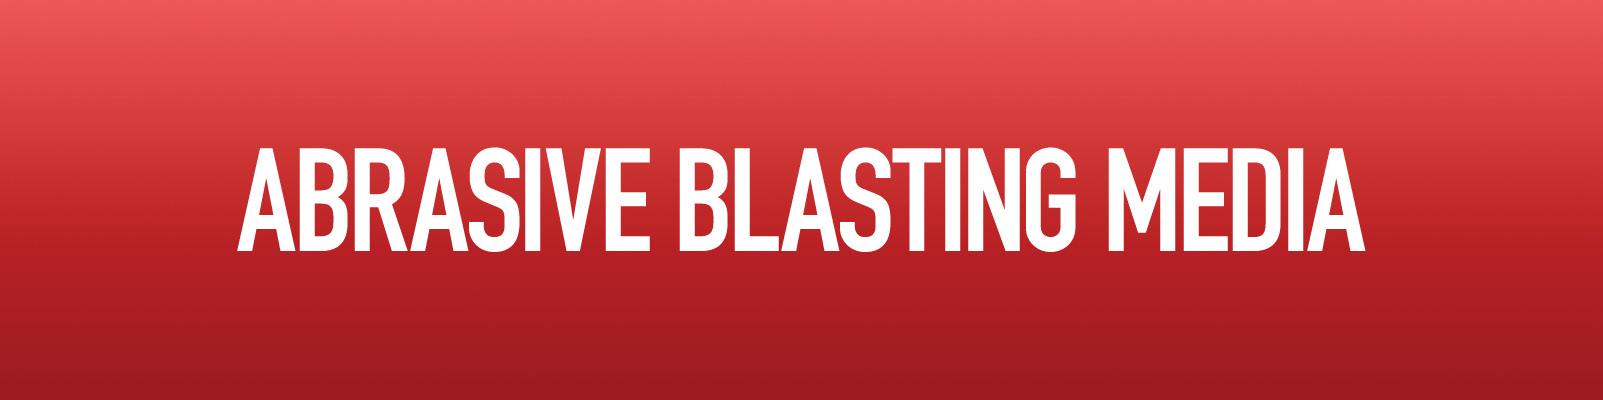 Abrasive Blasting Media